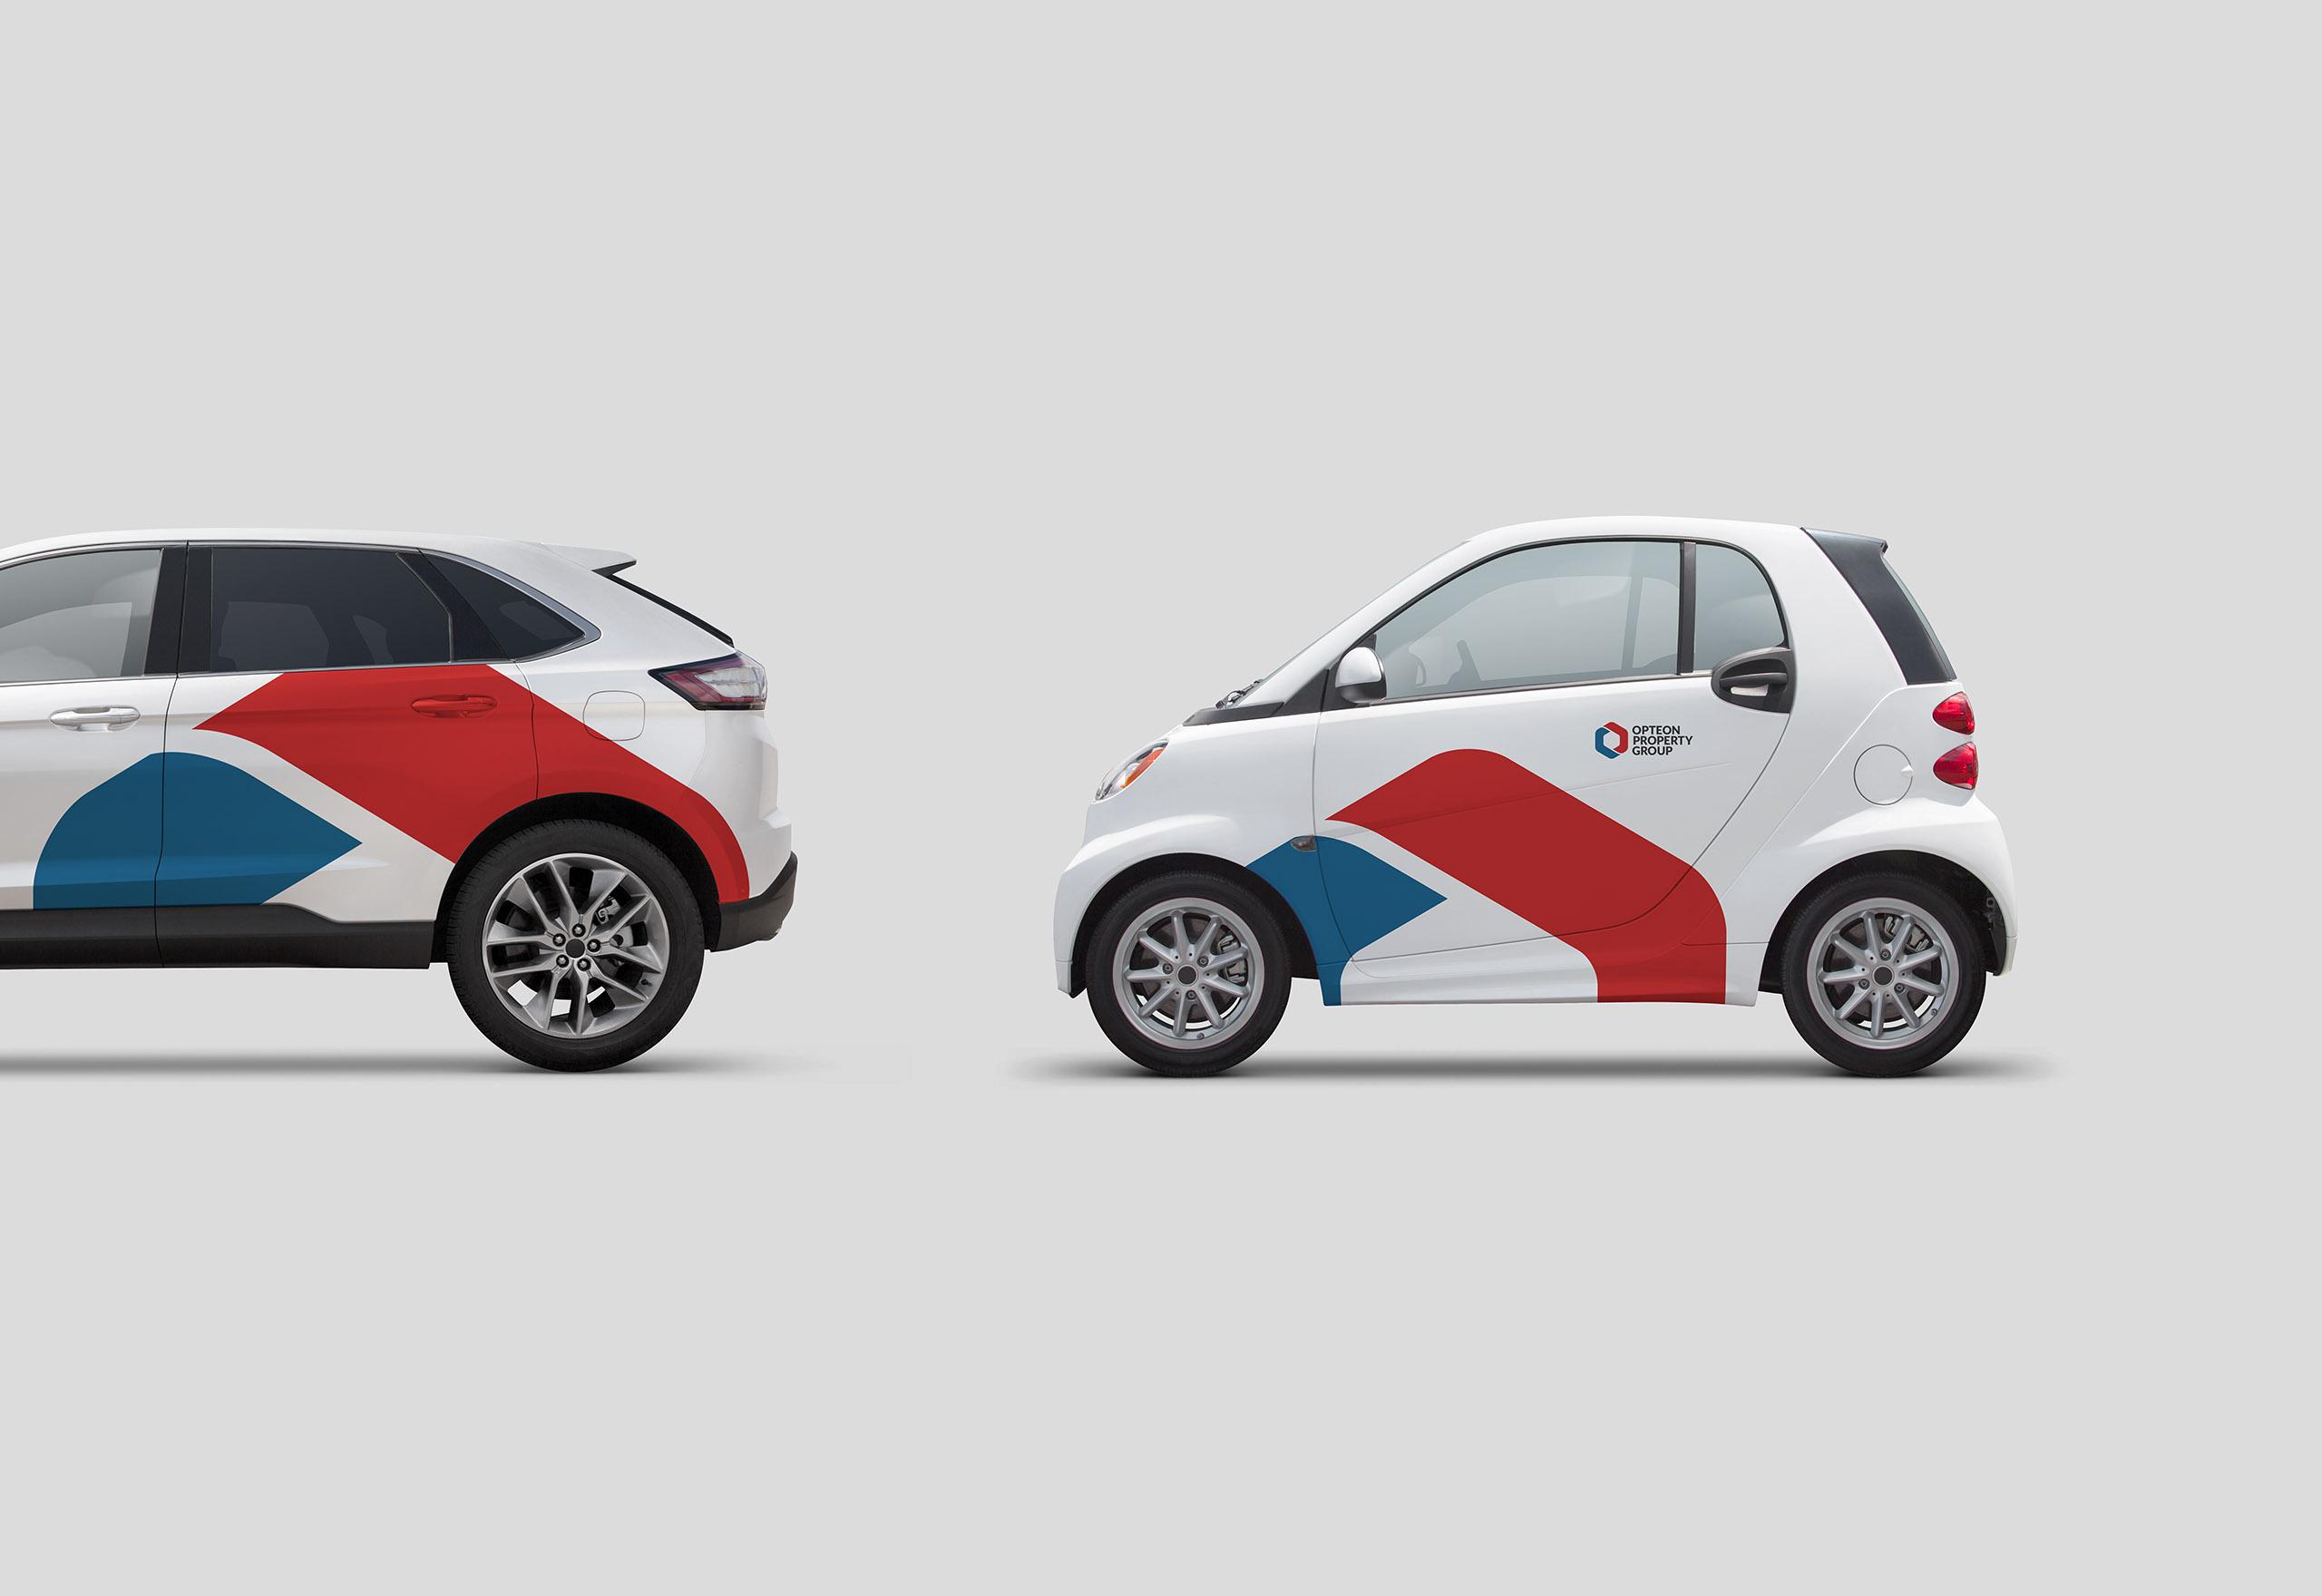 opg-cars-3